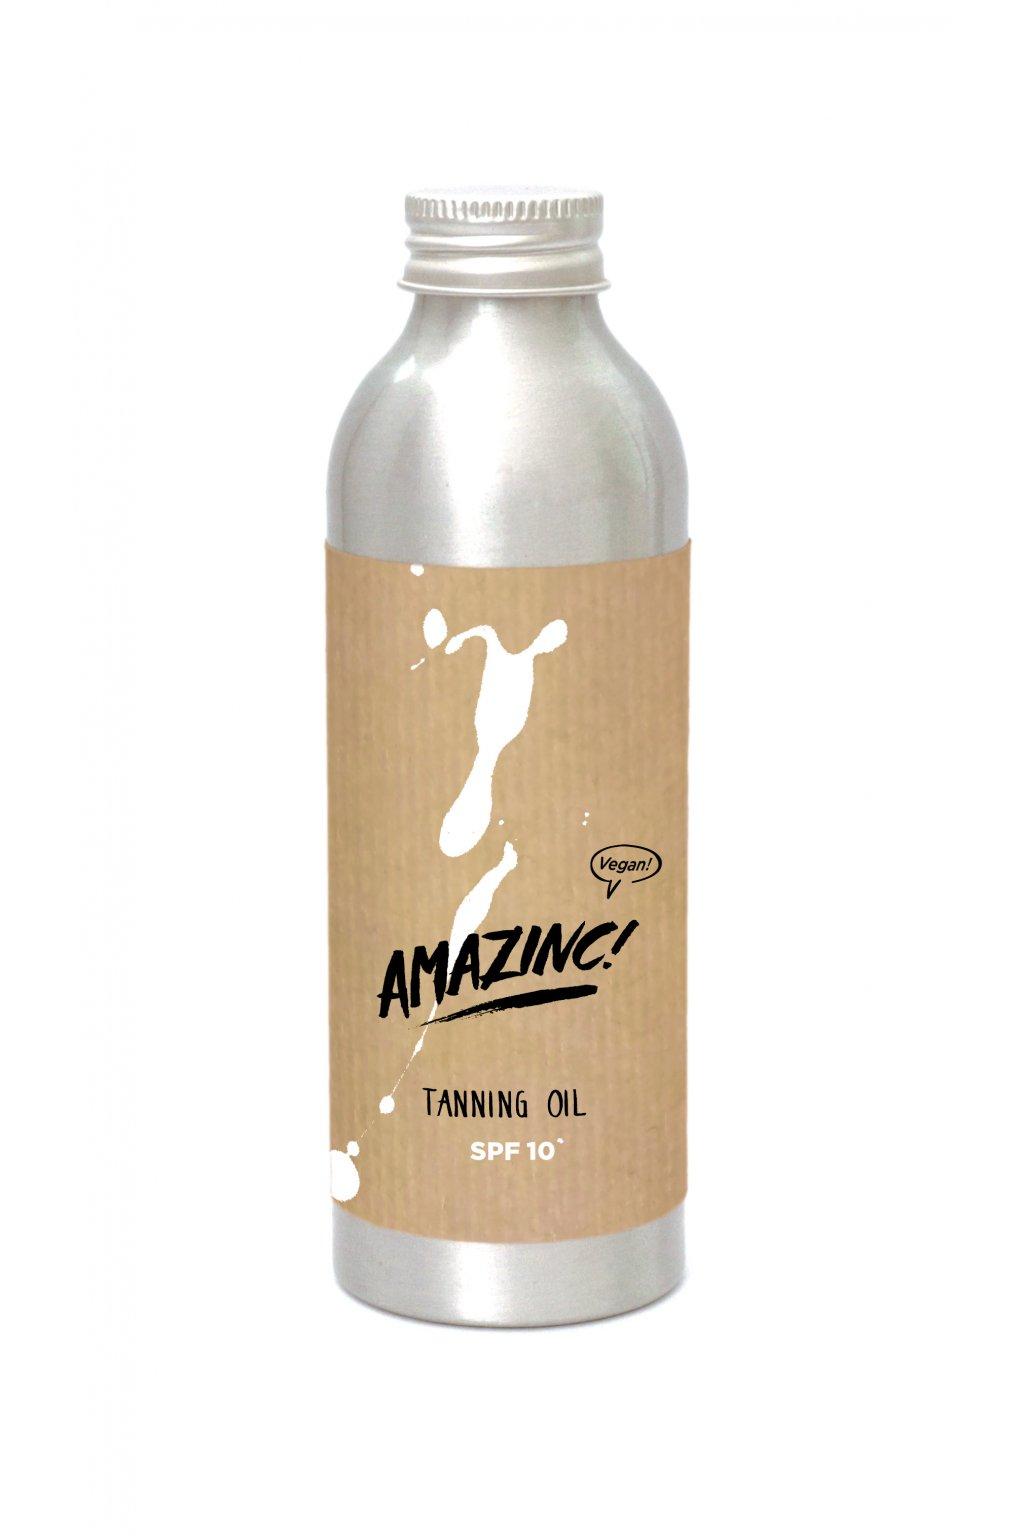 11 TanningOil Packaging Mockup Alu Bottle 150ml